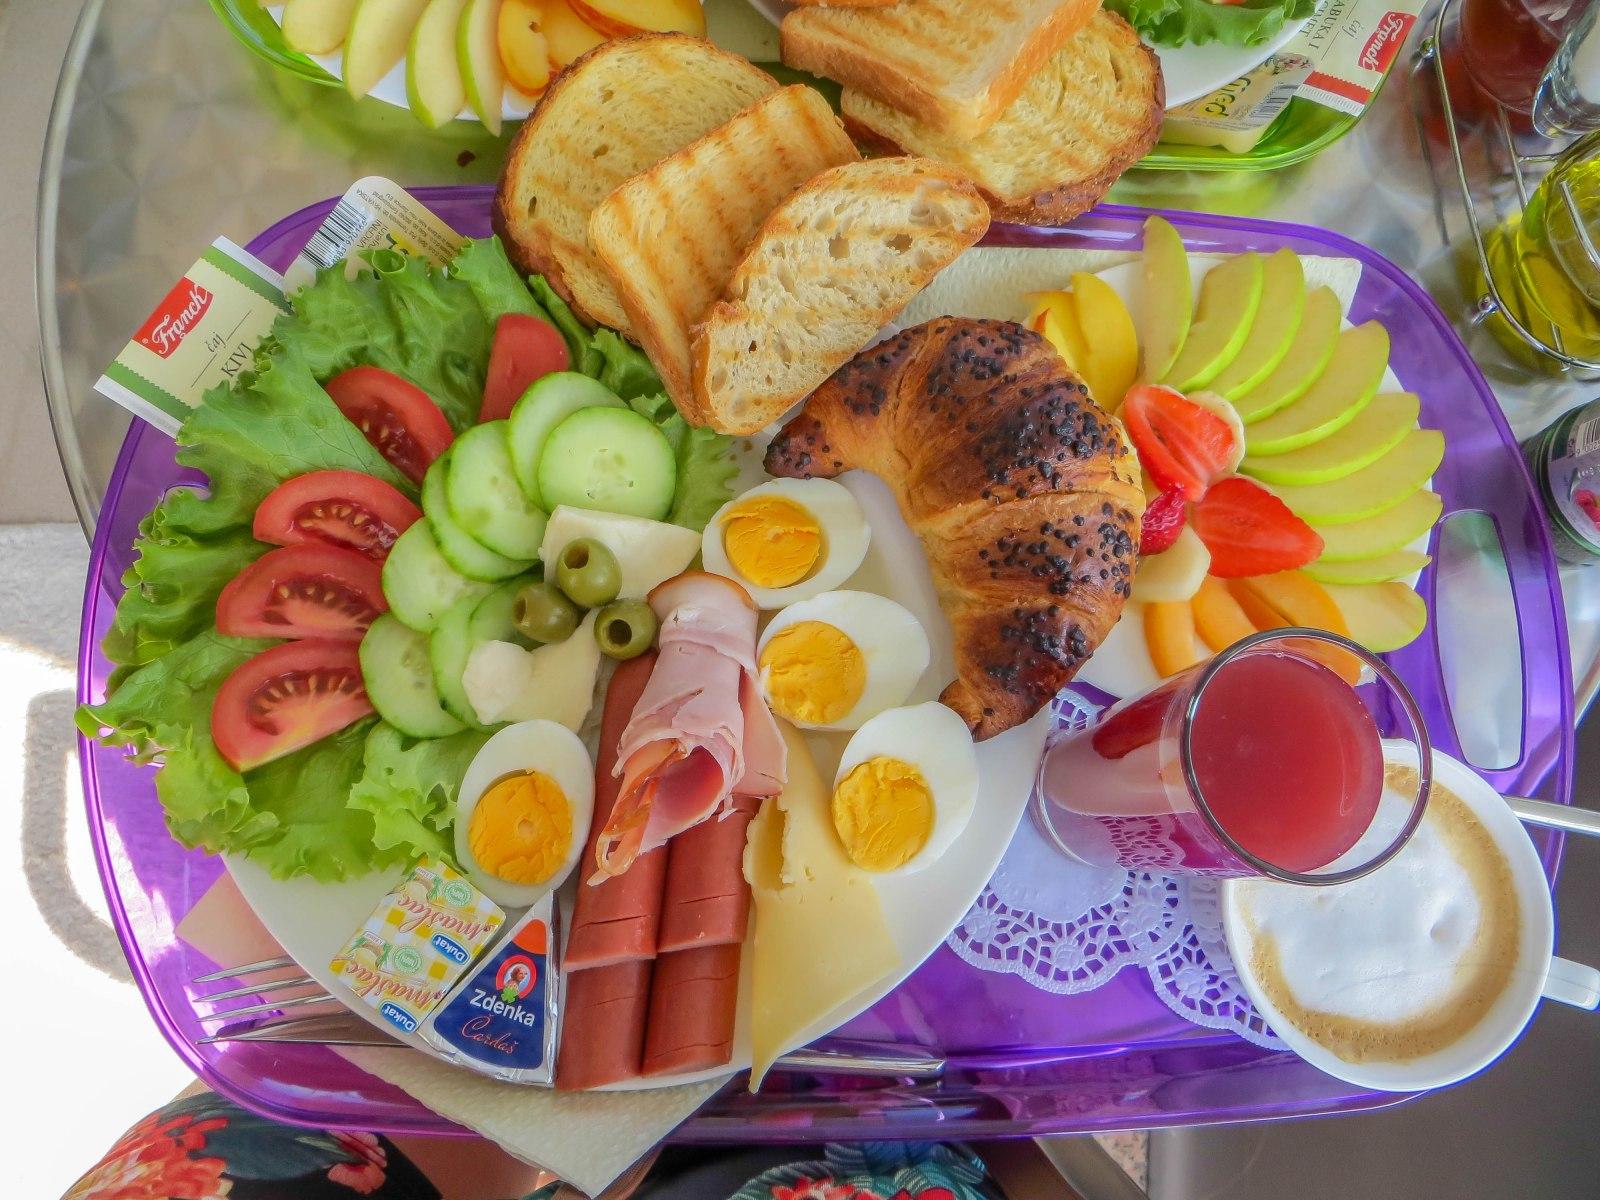 8. Breakfast